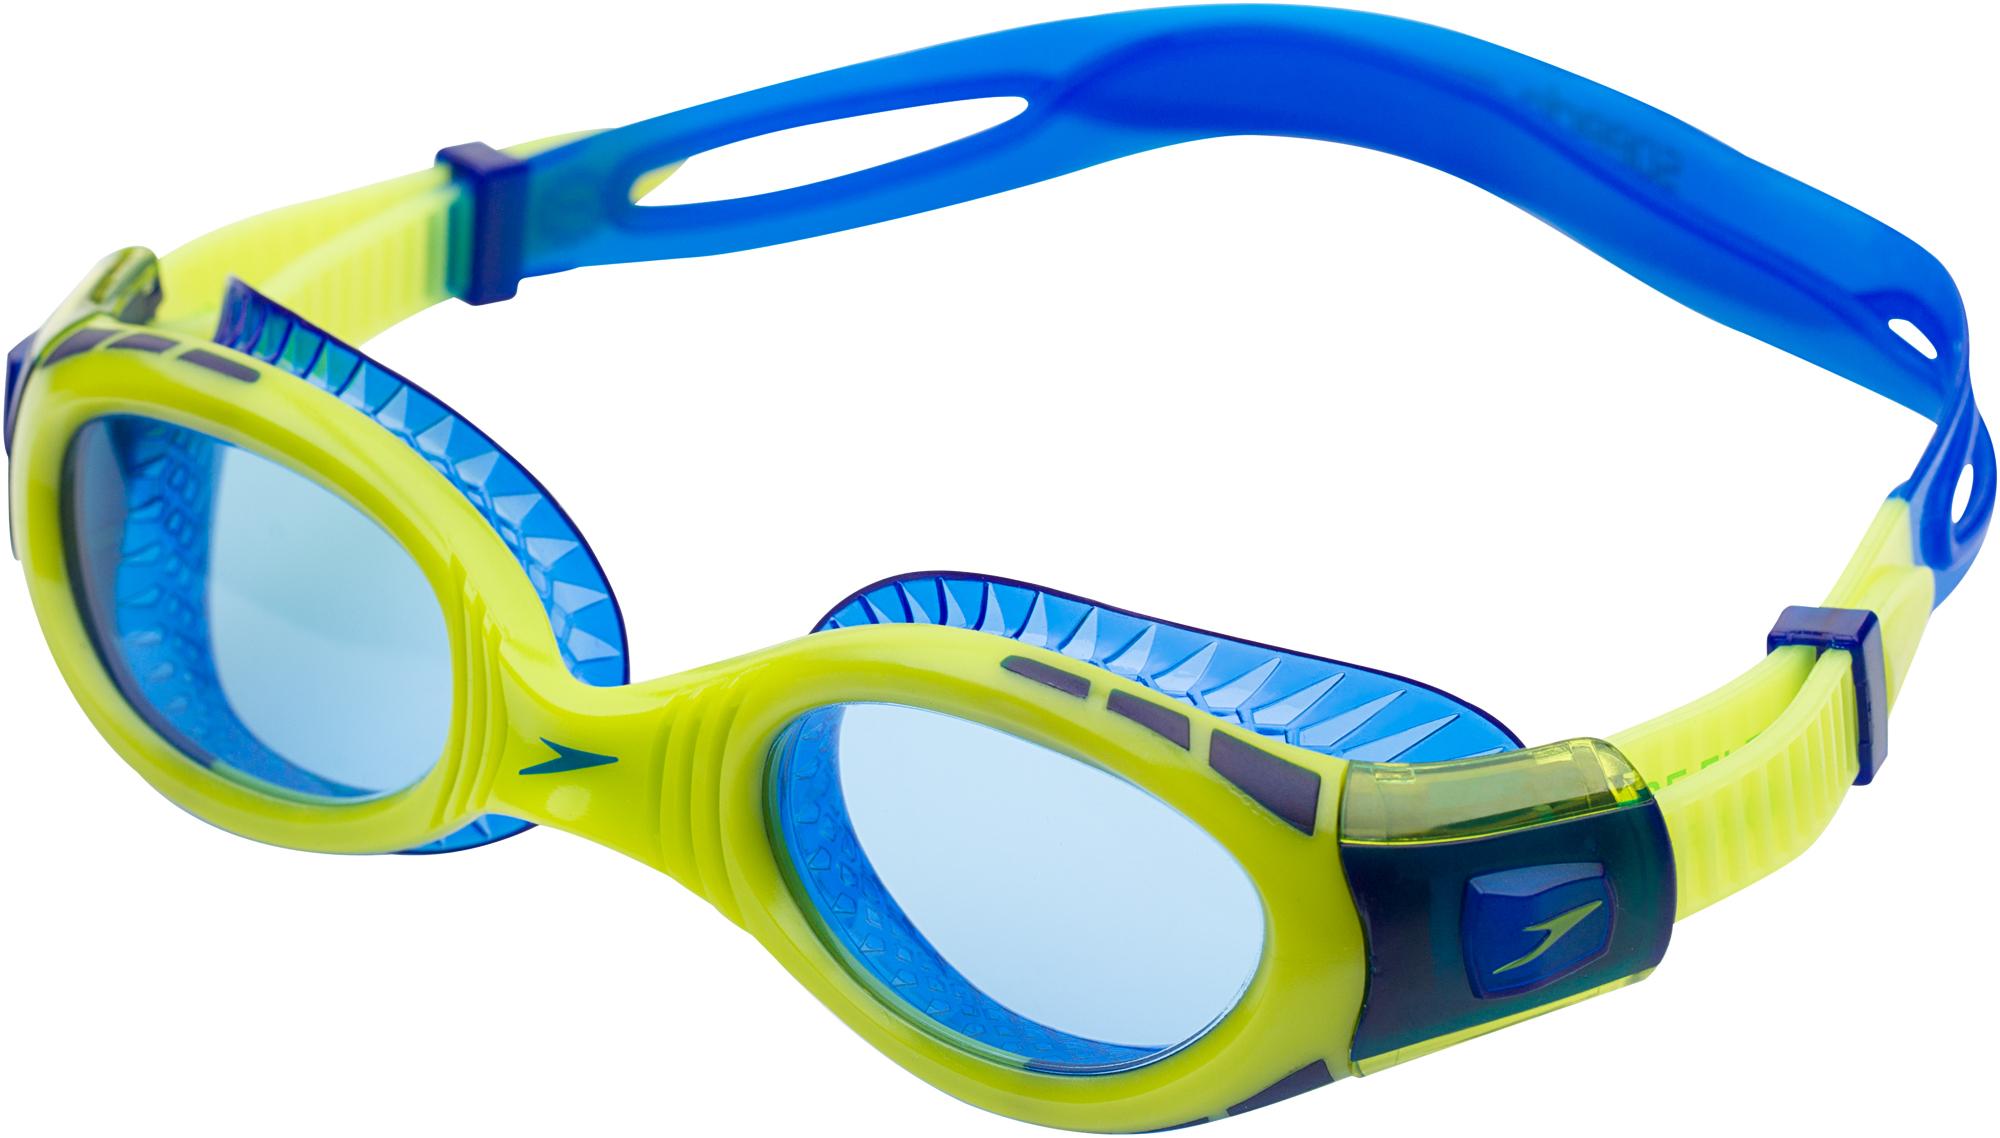 цена на Speedo Очки для плавания детские Speedo Futura Biofuse Flexiseal Junior